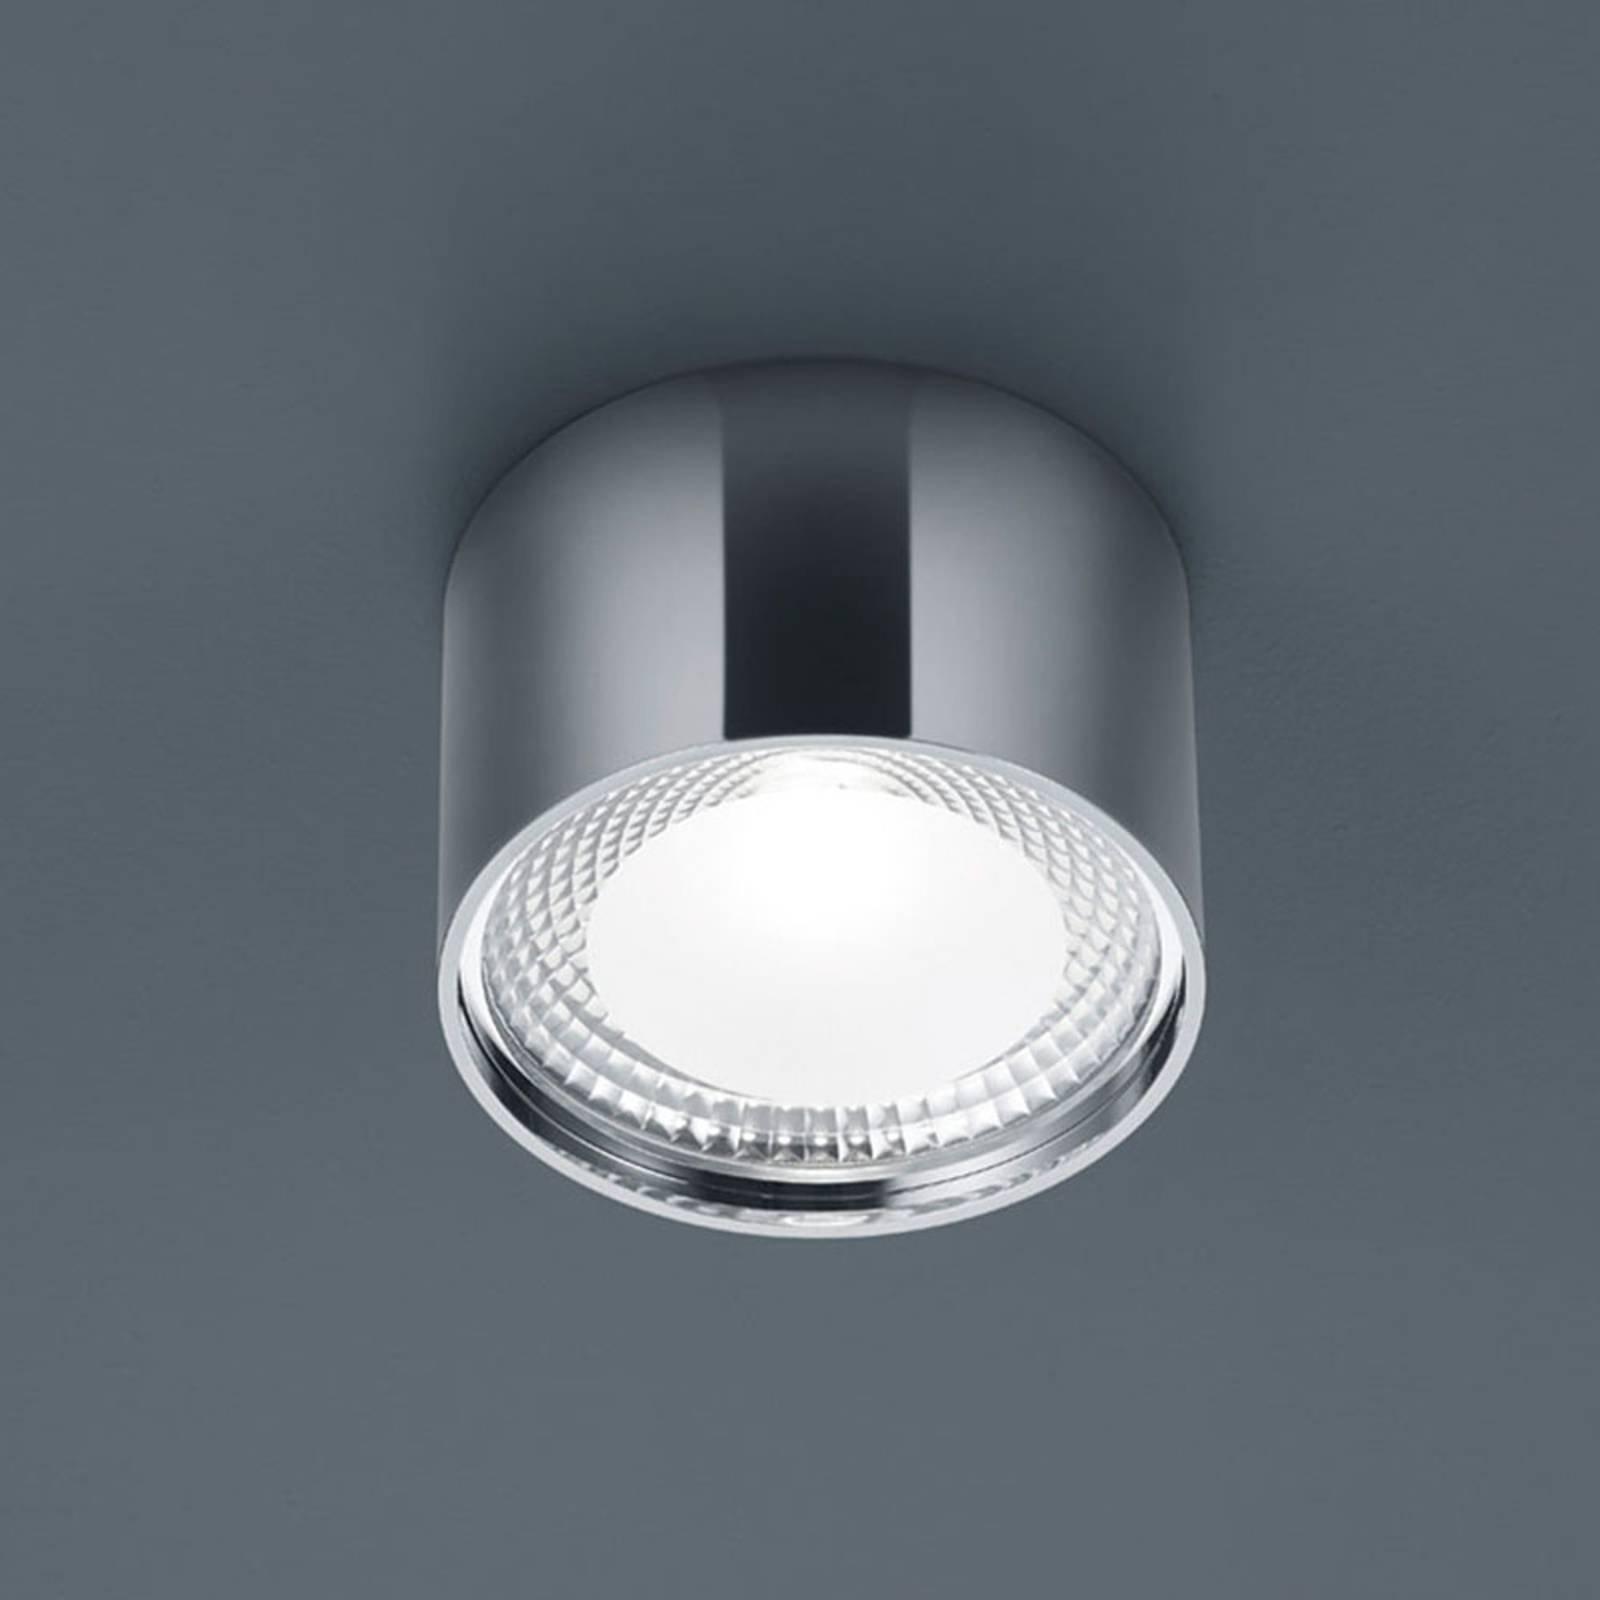 Helestra Kari LED-taklampe, rund, krom